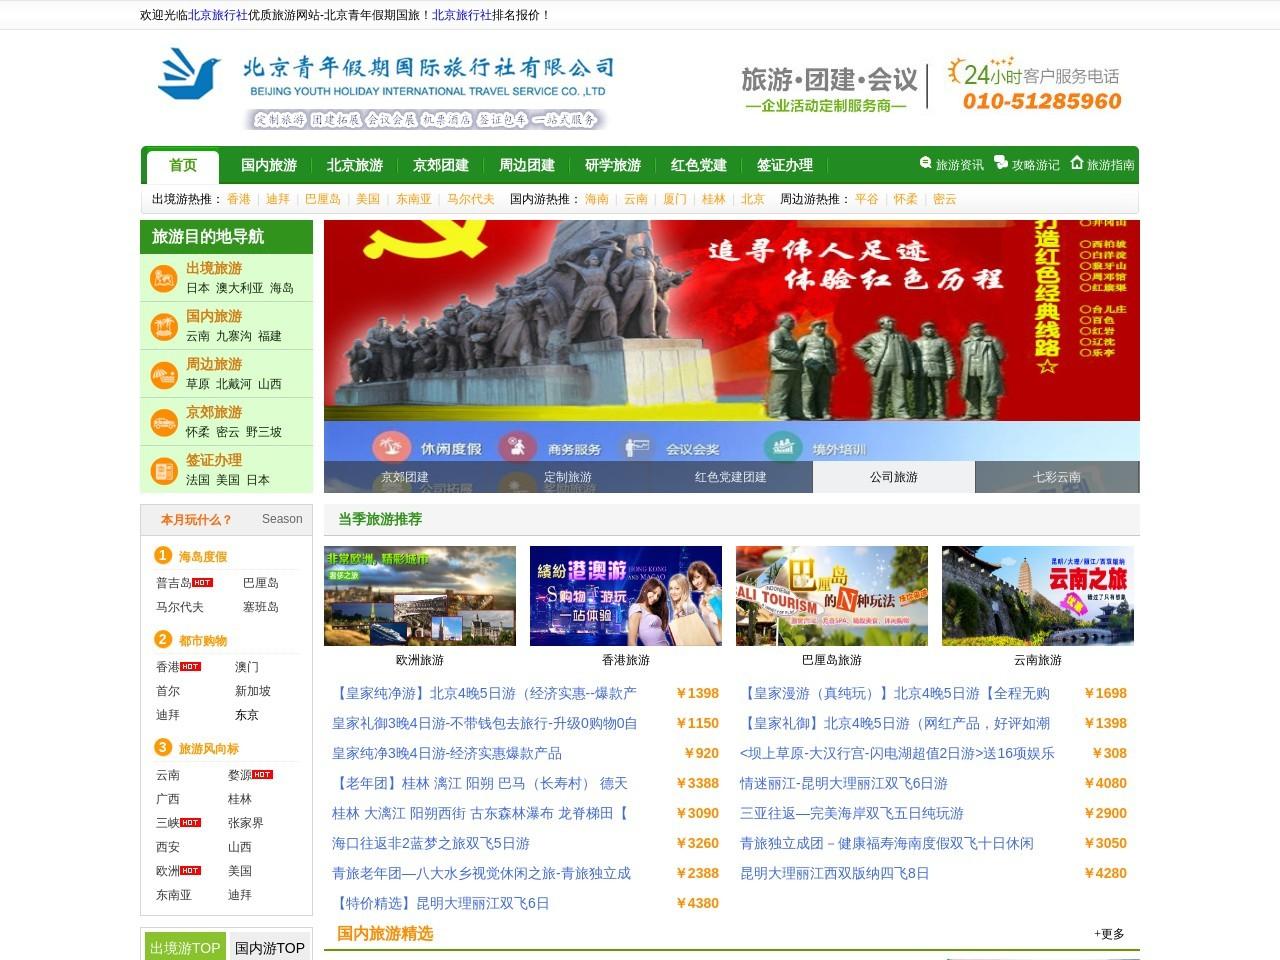 北京旅行社_北京青年假期旅行社(北青国旅)_北京旅行社排名前列